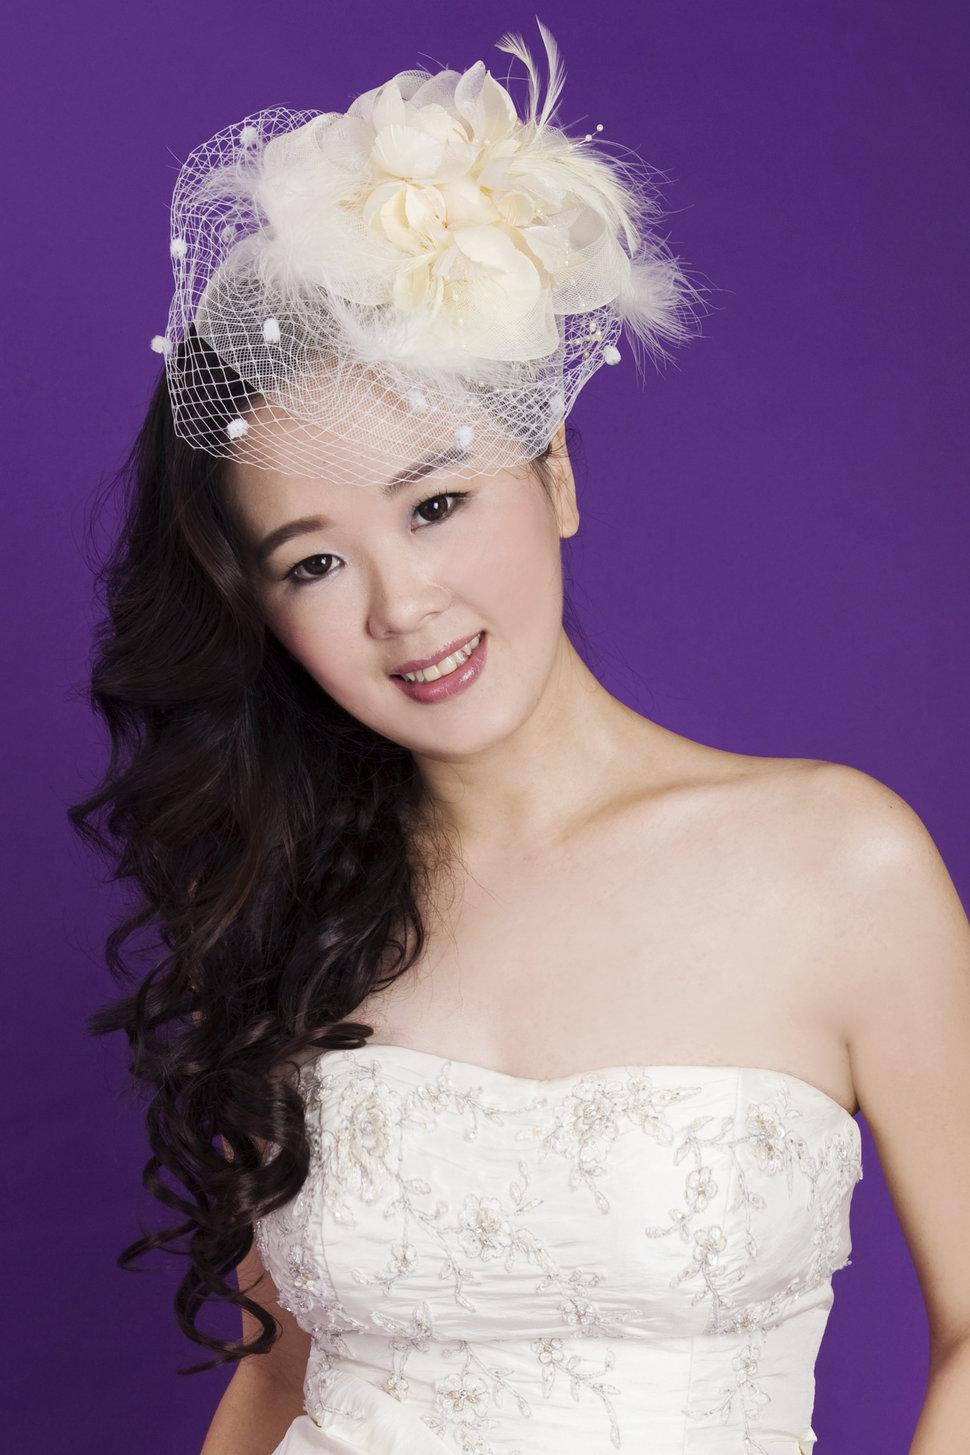 蓓麗宛婚禮時尚(編號:499494) - 蓓麗宛婚禮時尚《結婚吧》